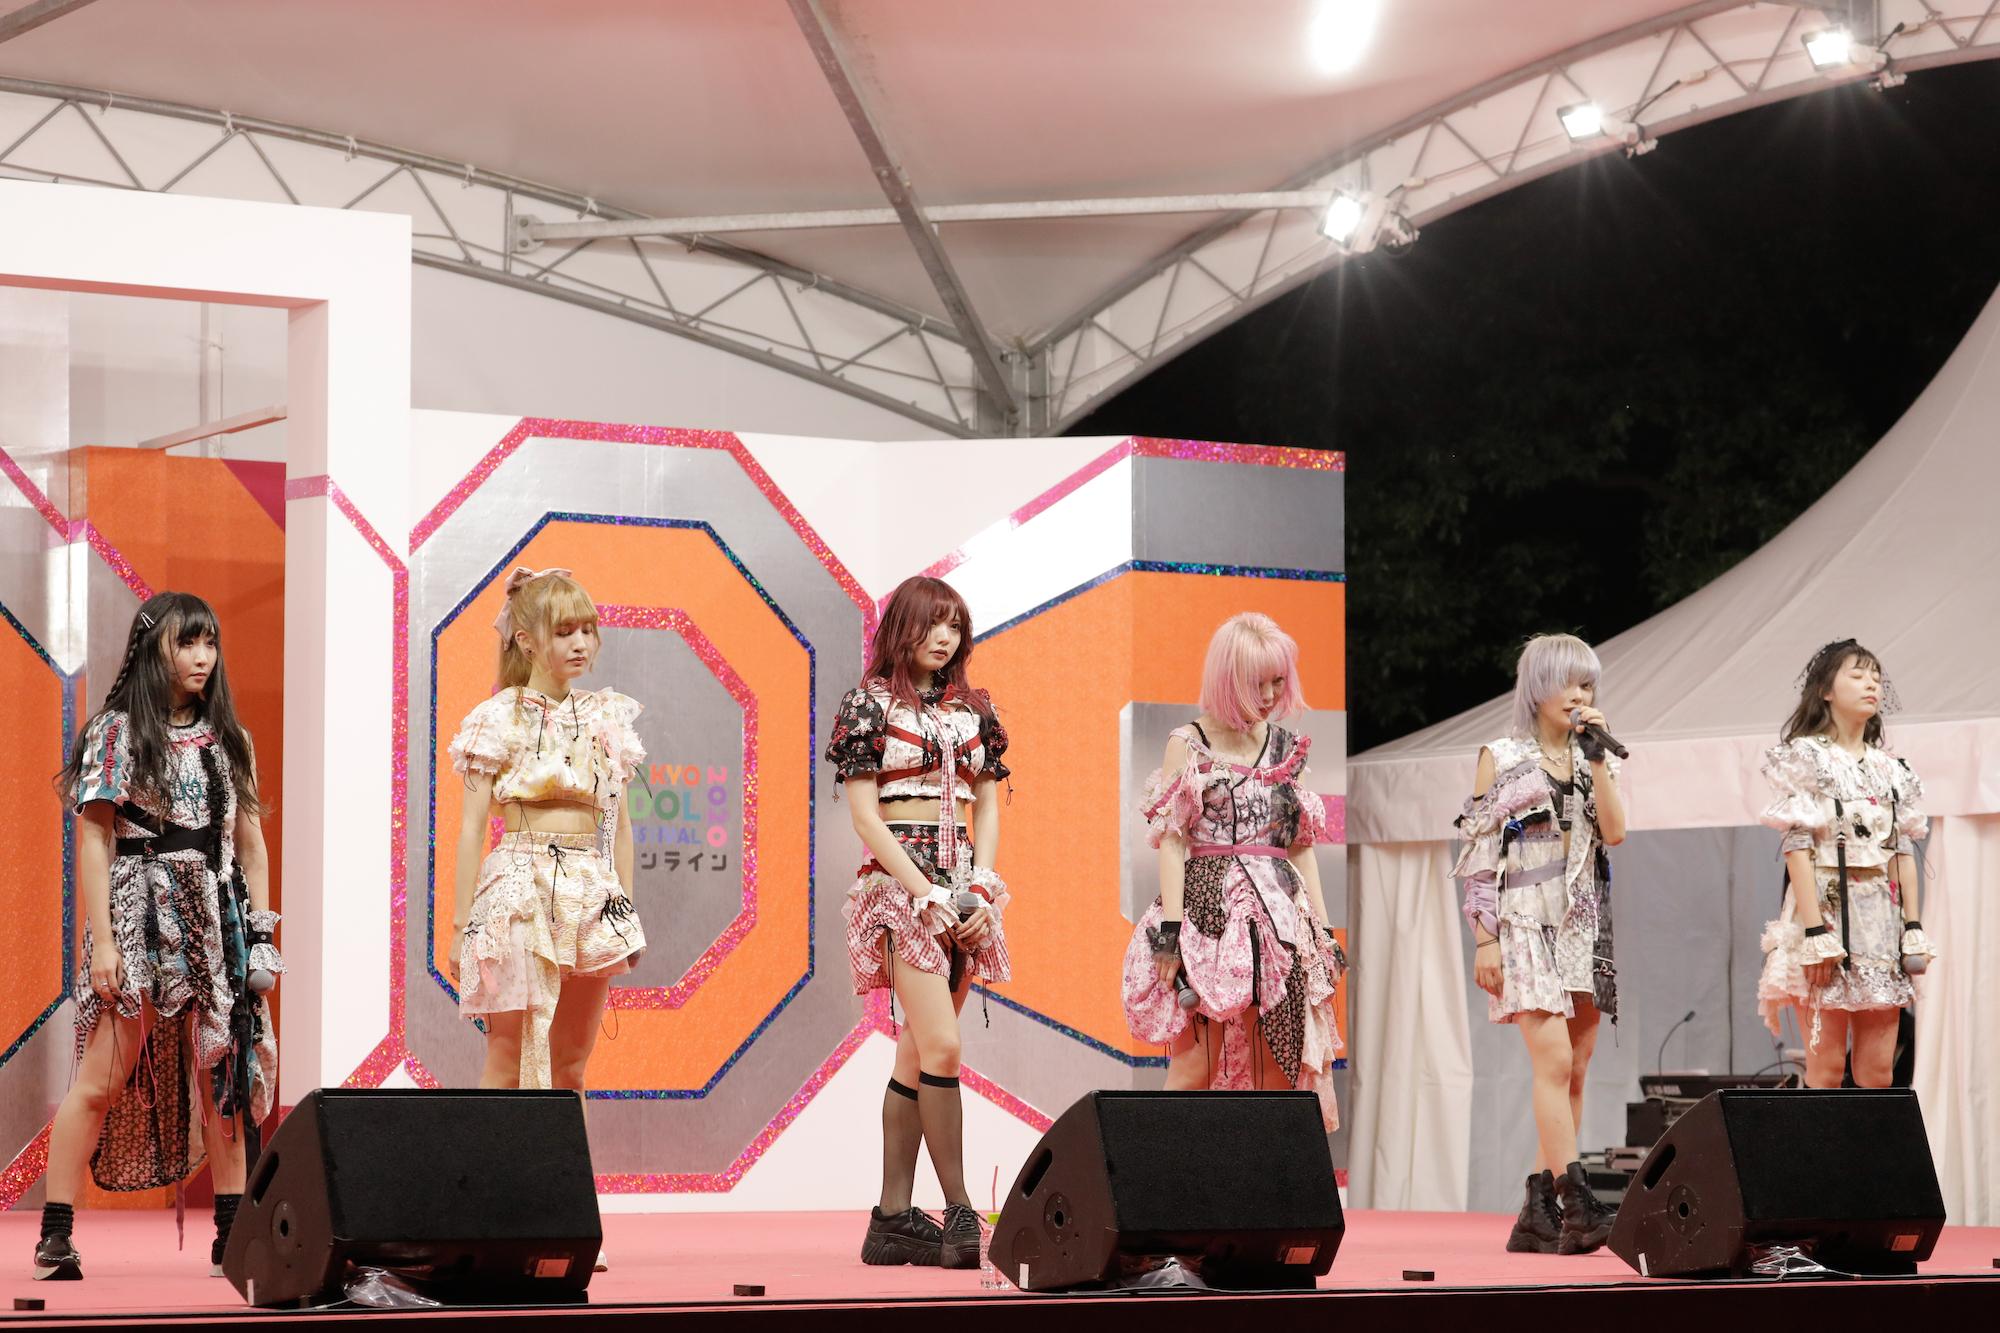 雅雀り子、西井万理那、藍染カレン、大森靖子、香椎かてぃ、巫まろ ZOC/TOKYO IDOL FESTIVAL オンライン 2020にて/撮影:ACTRESS PRESS編集部(2020年10月)